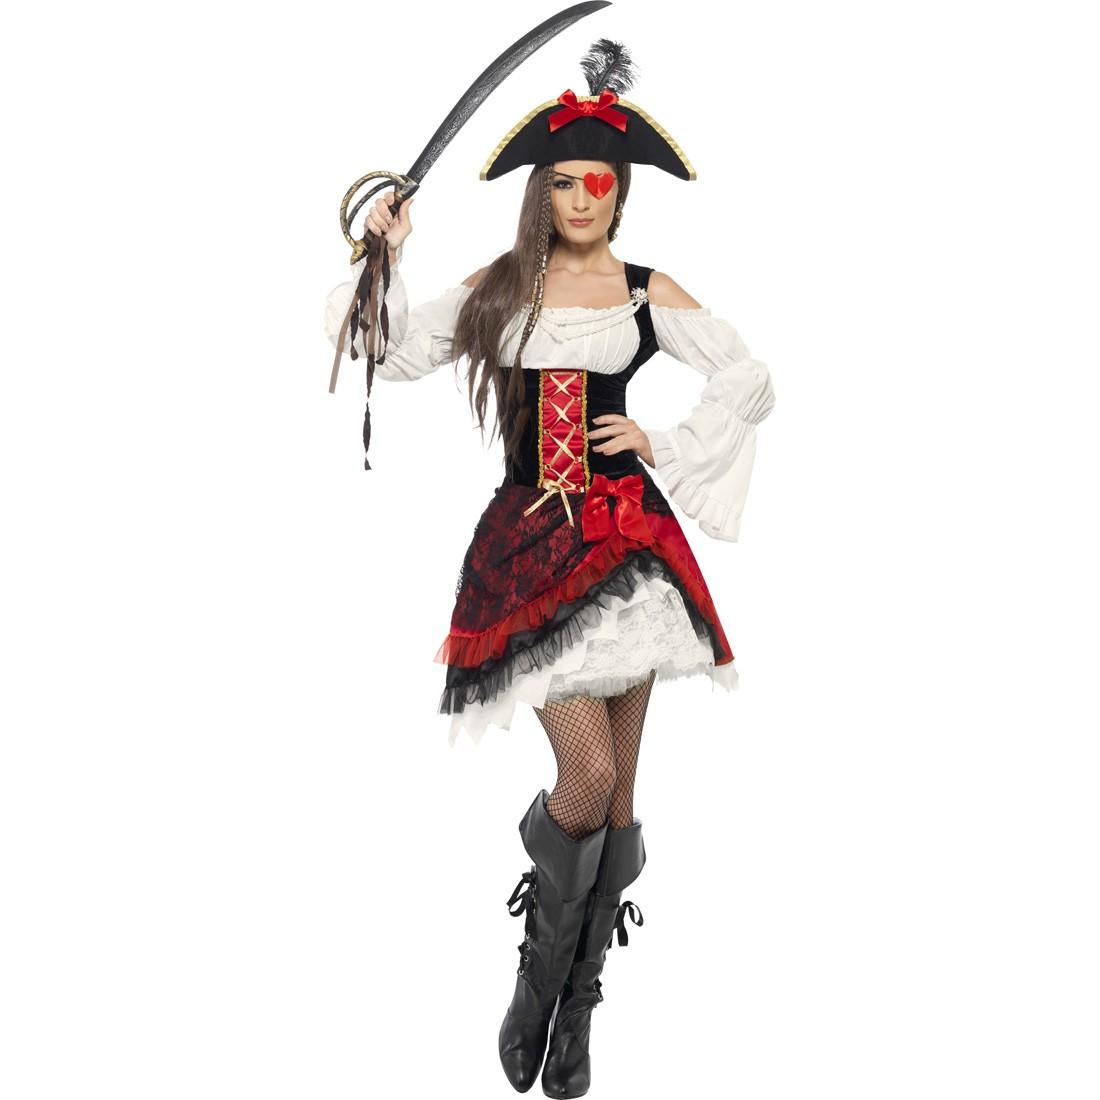 Piratin Kostum Piratenkostum Damen Piratinnenkostum Piratenkleid